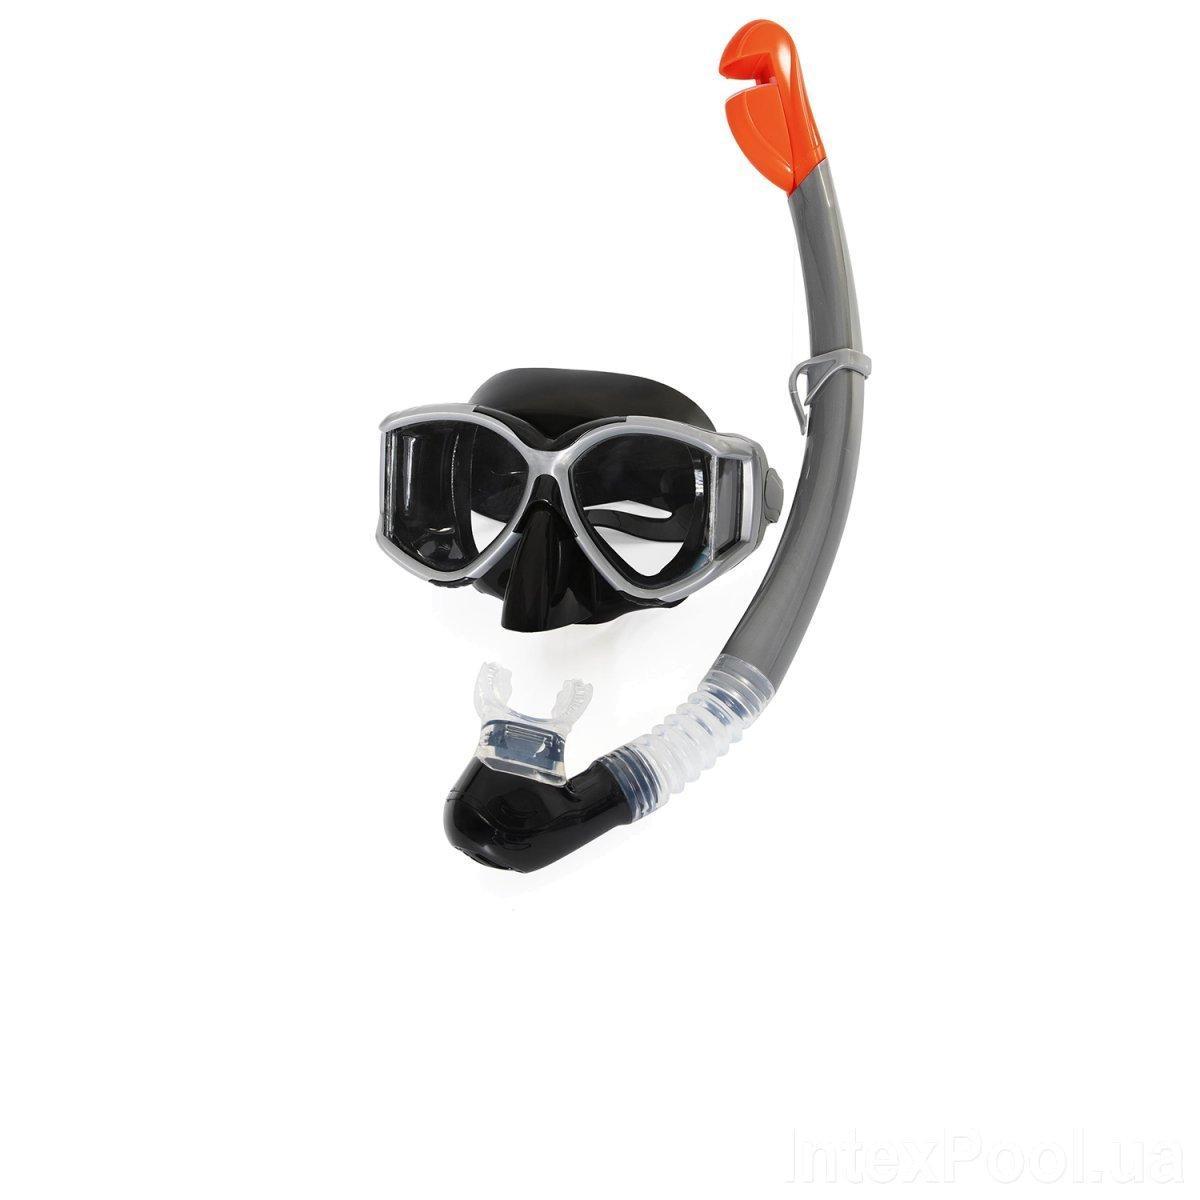 Набор для плавания Bestway 24050 (маска: размер XXL, (14+), обхват головы ≈ 59 см, трубка), черный